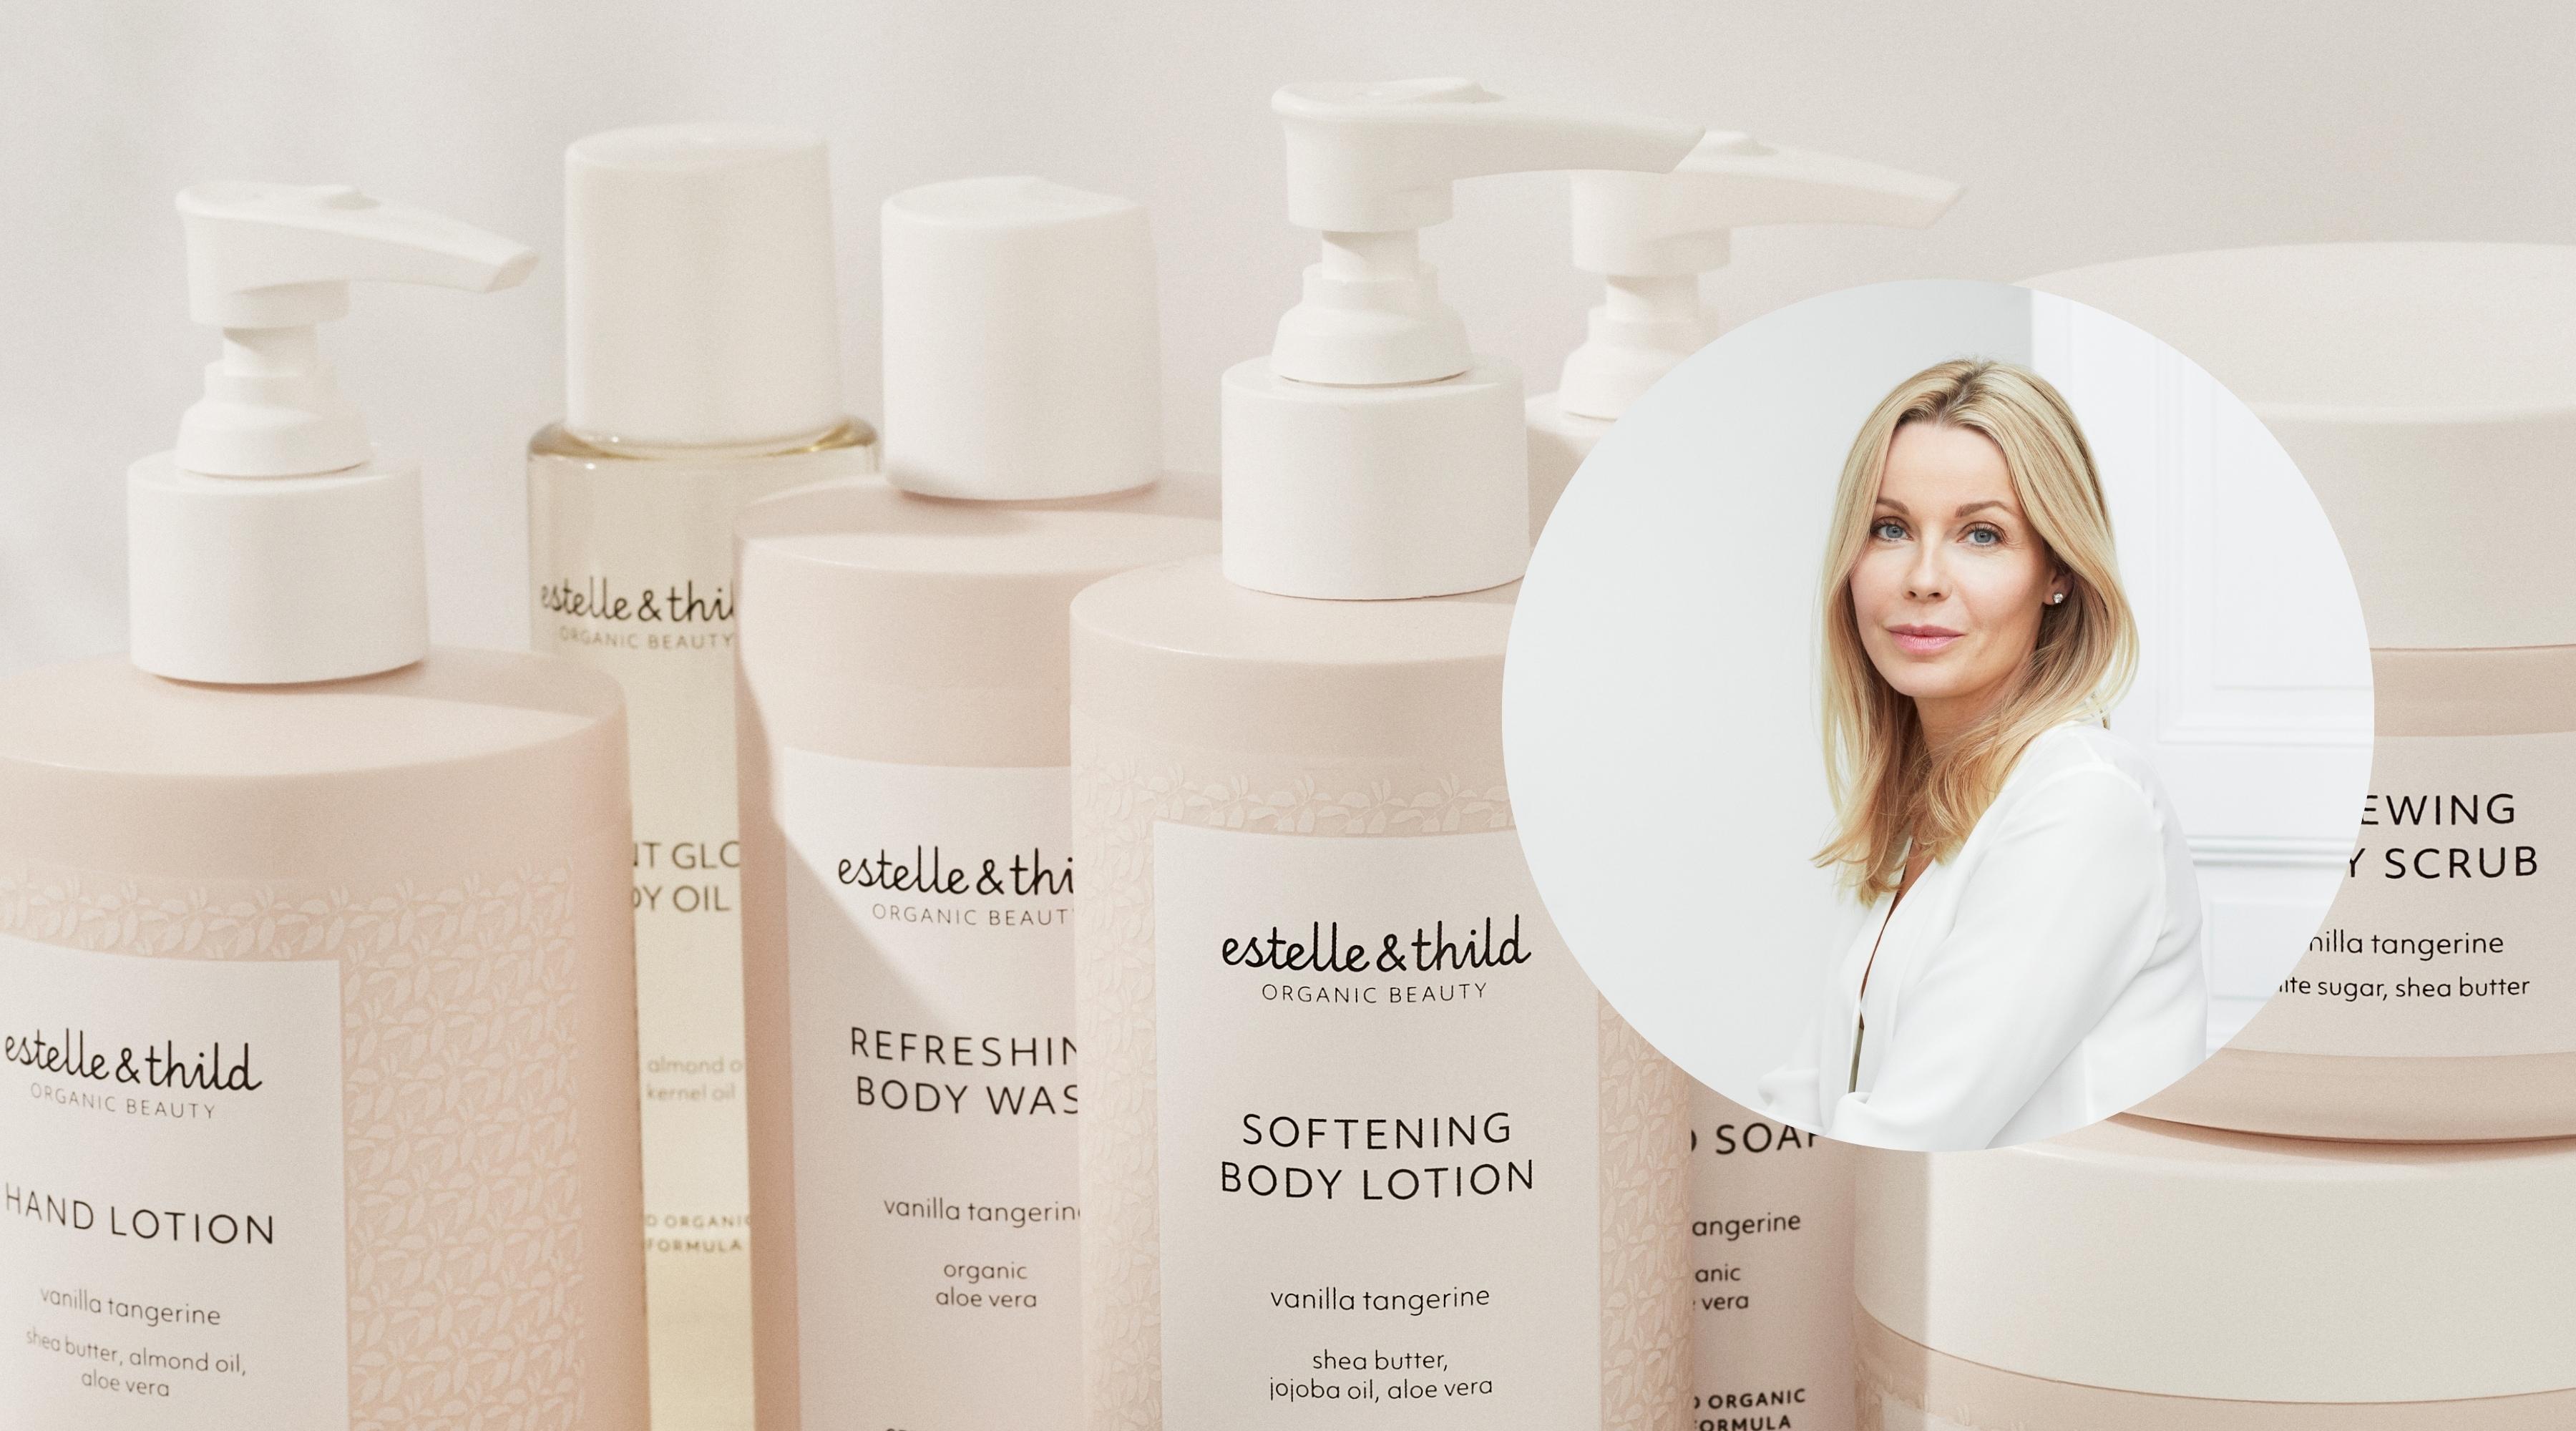 Estelle & Thild – renaste lyx för moderna kvinnor